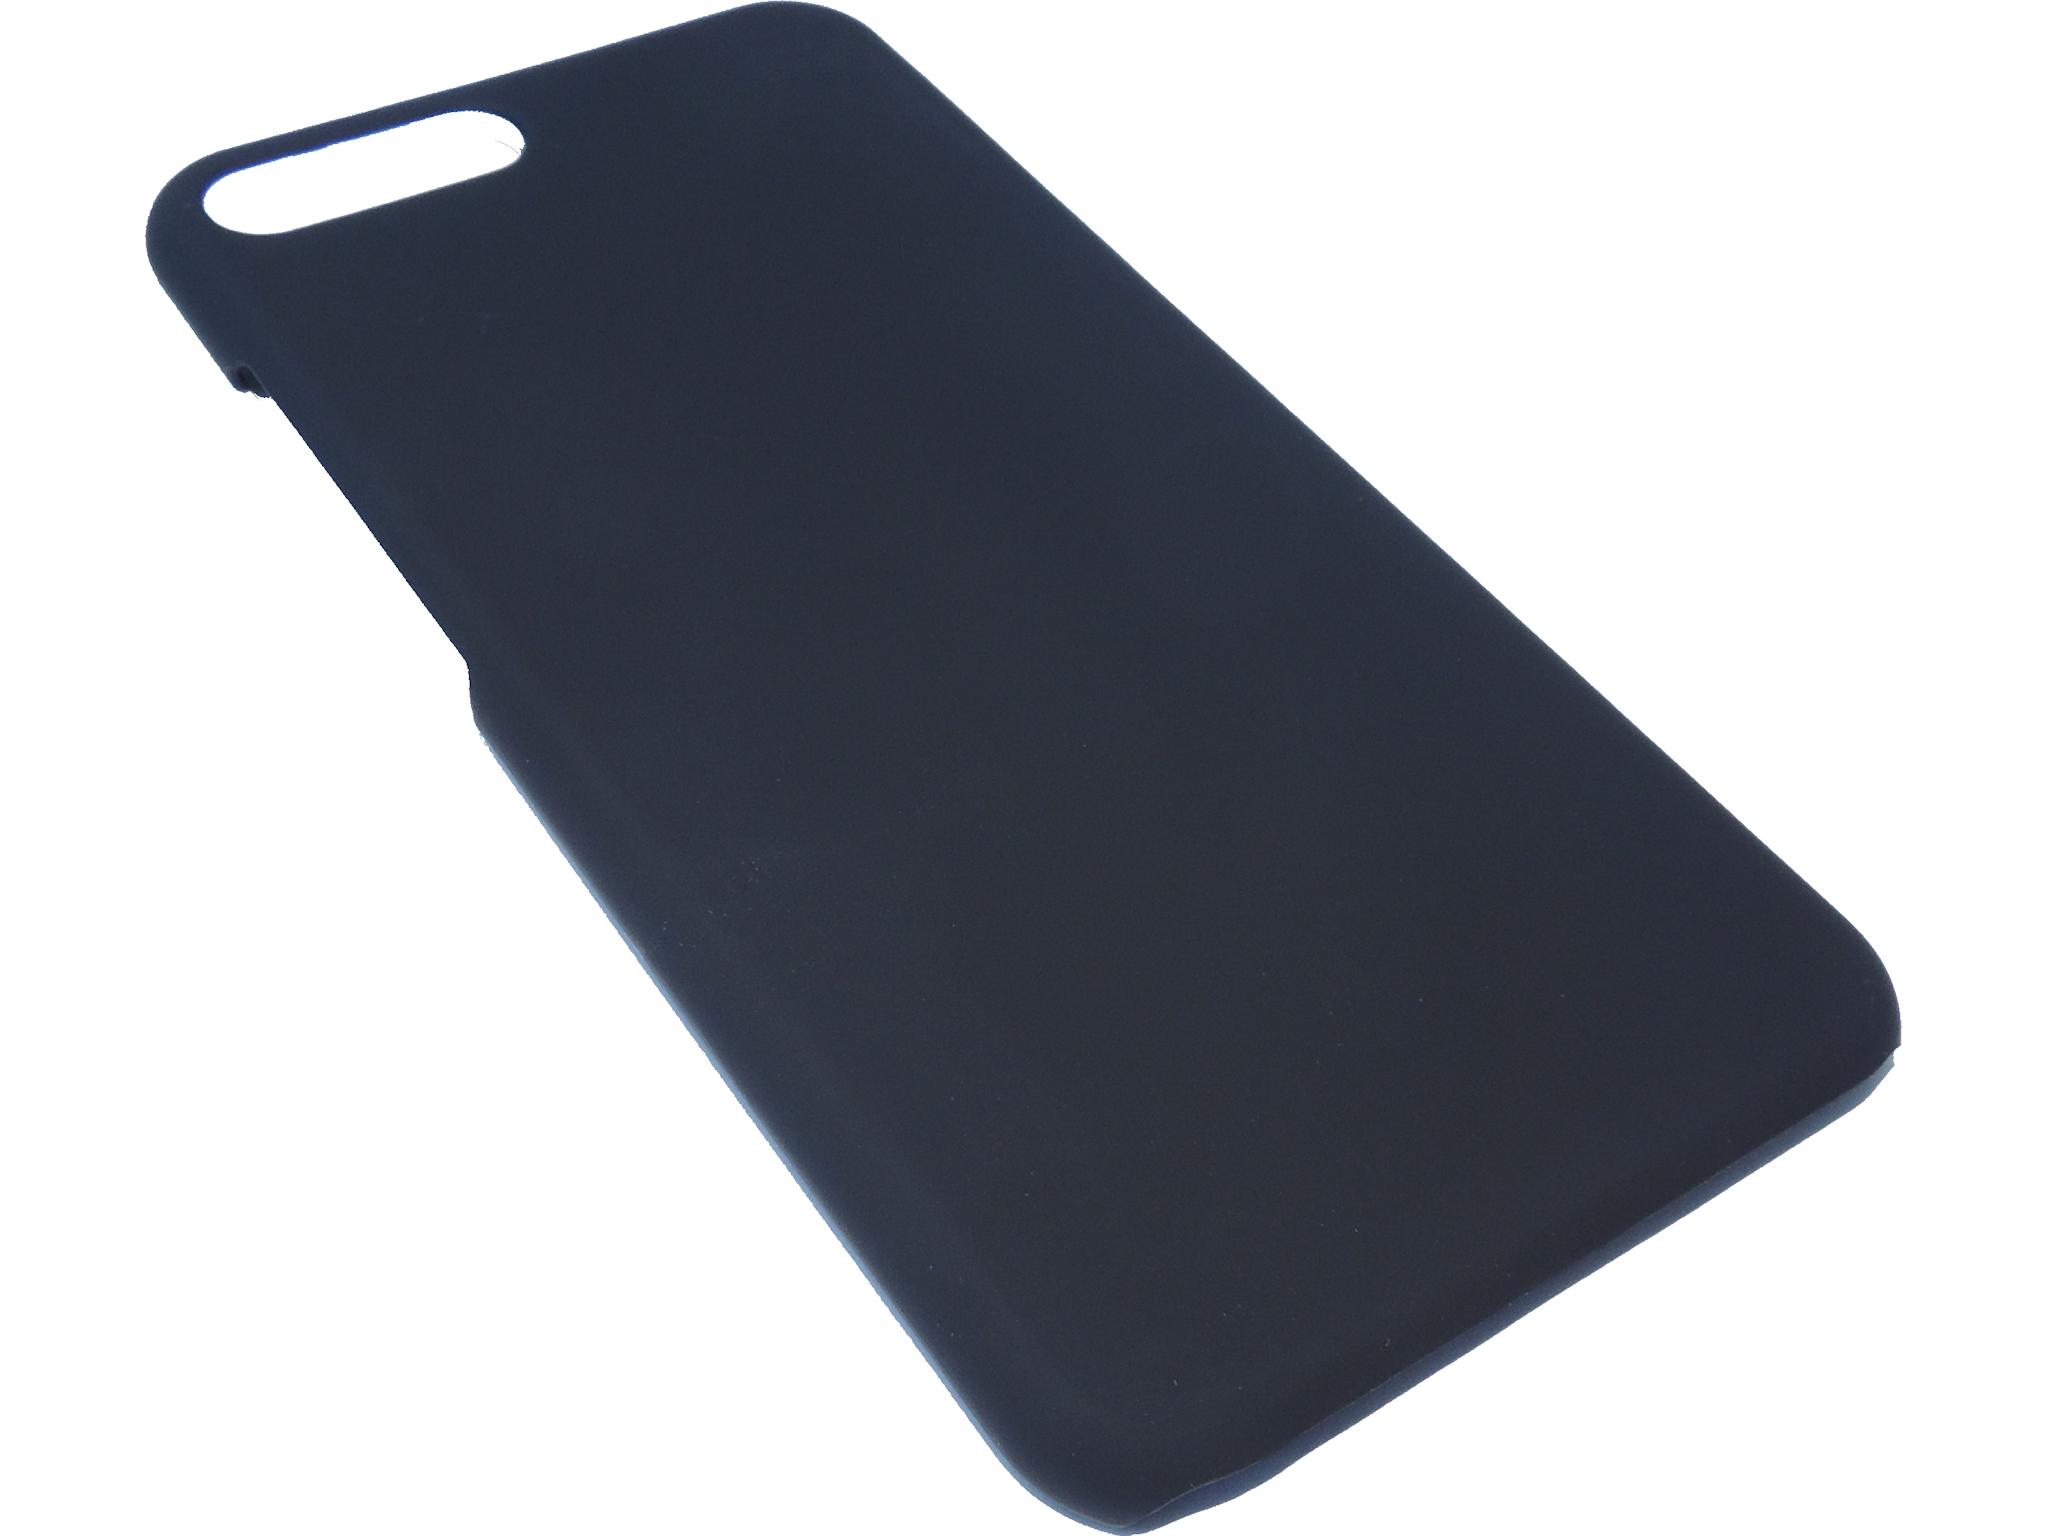 iPhone 7 Plus Cover Hard, Black